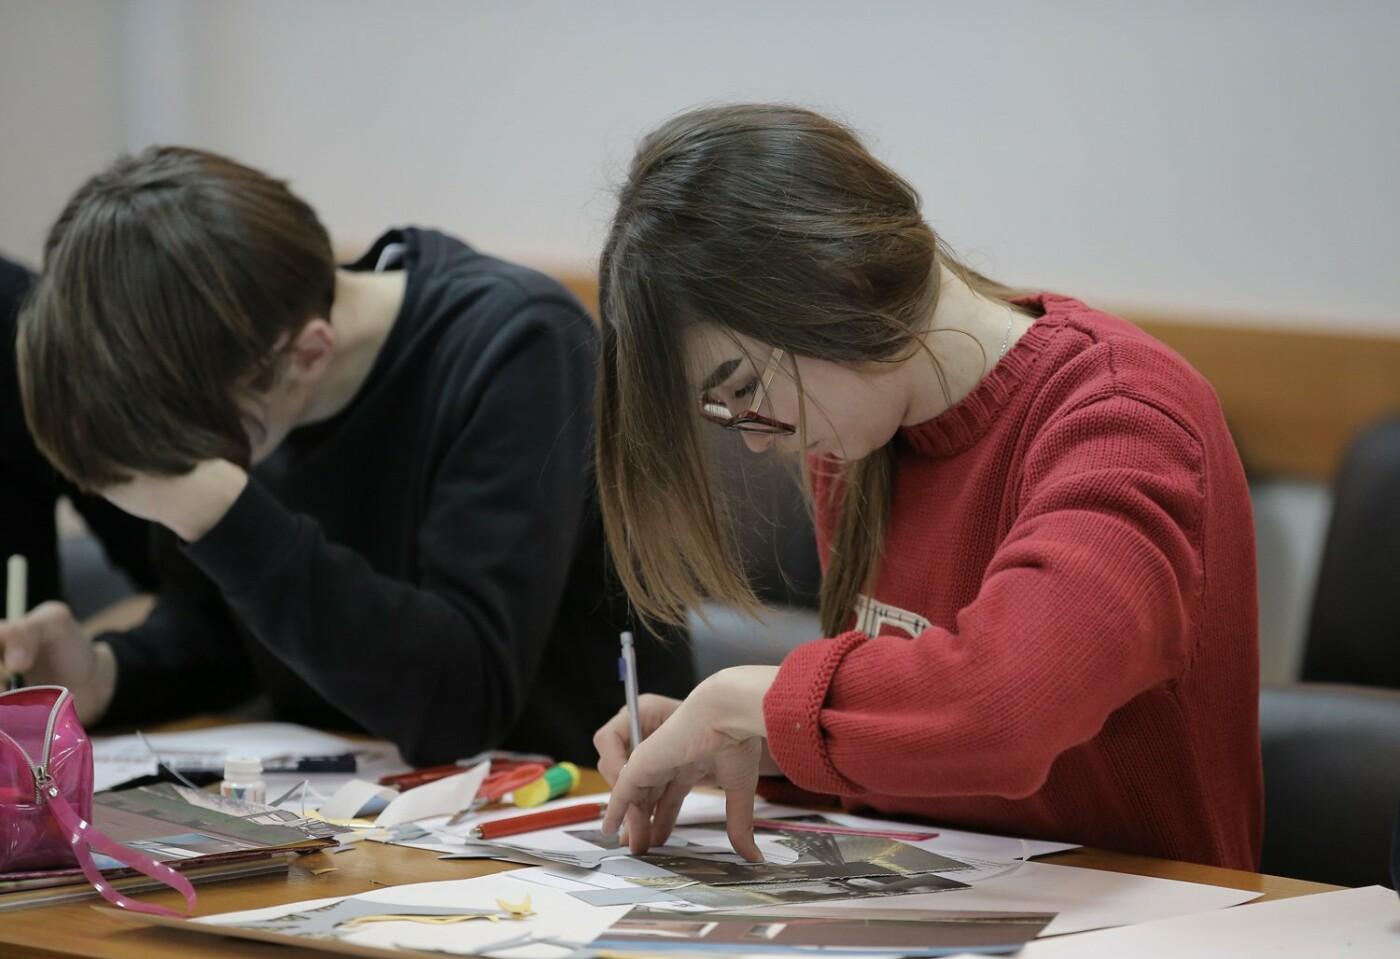 В рамках студентського конкурсу «Архітектор» молодь створює унікальні архітектурні проекти, фото-3